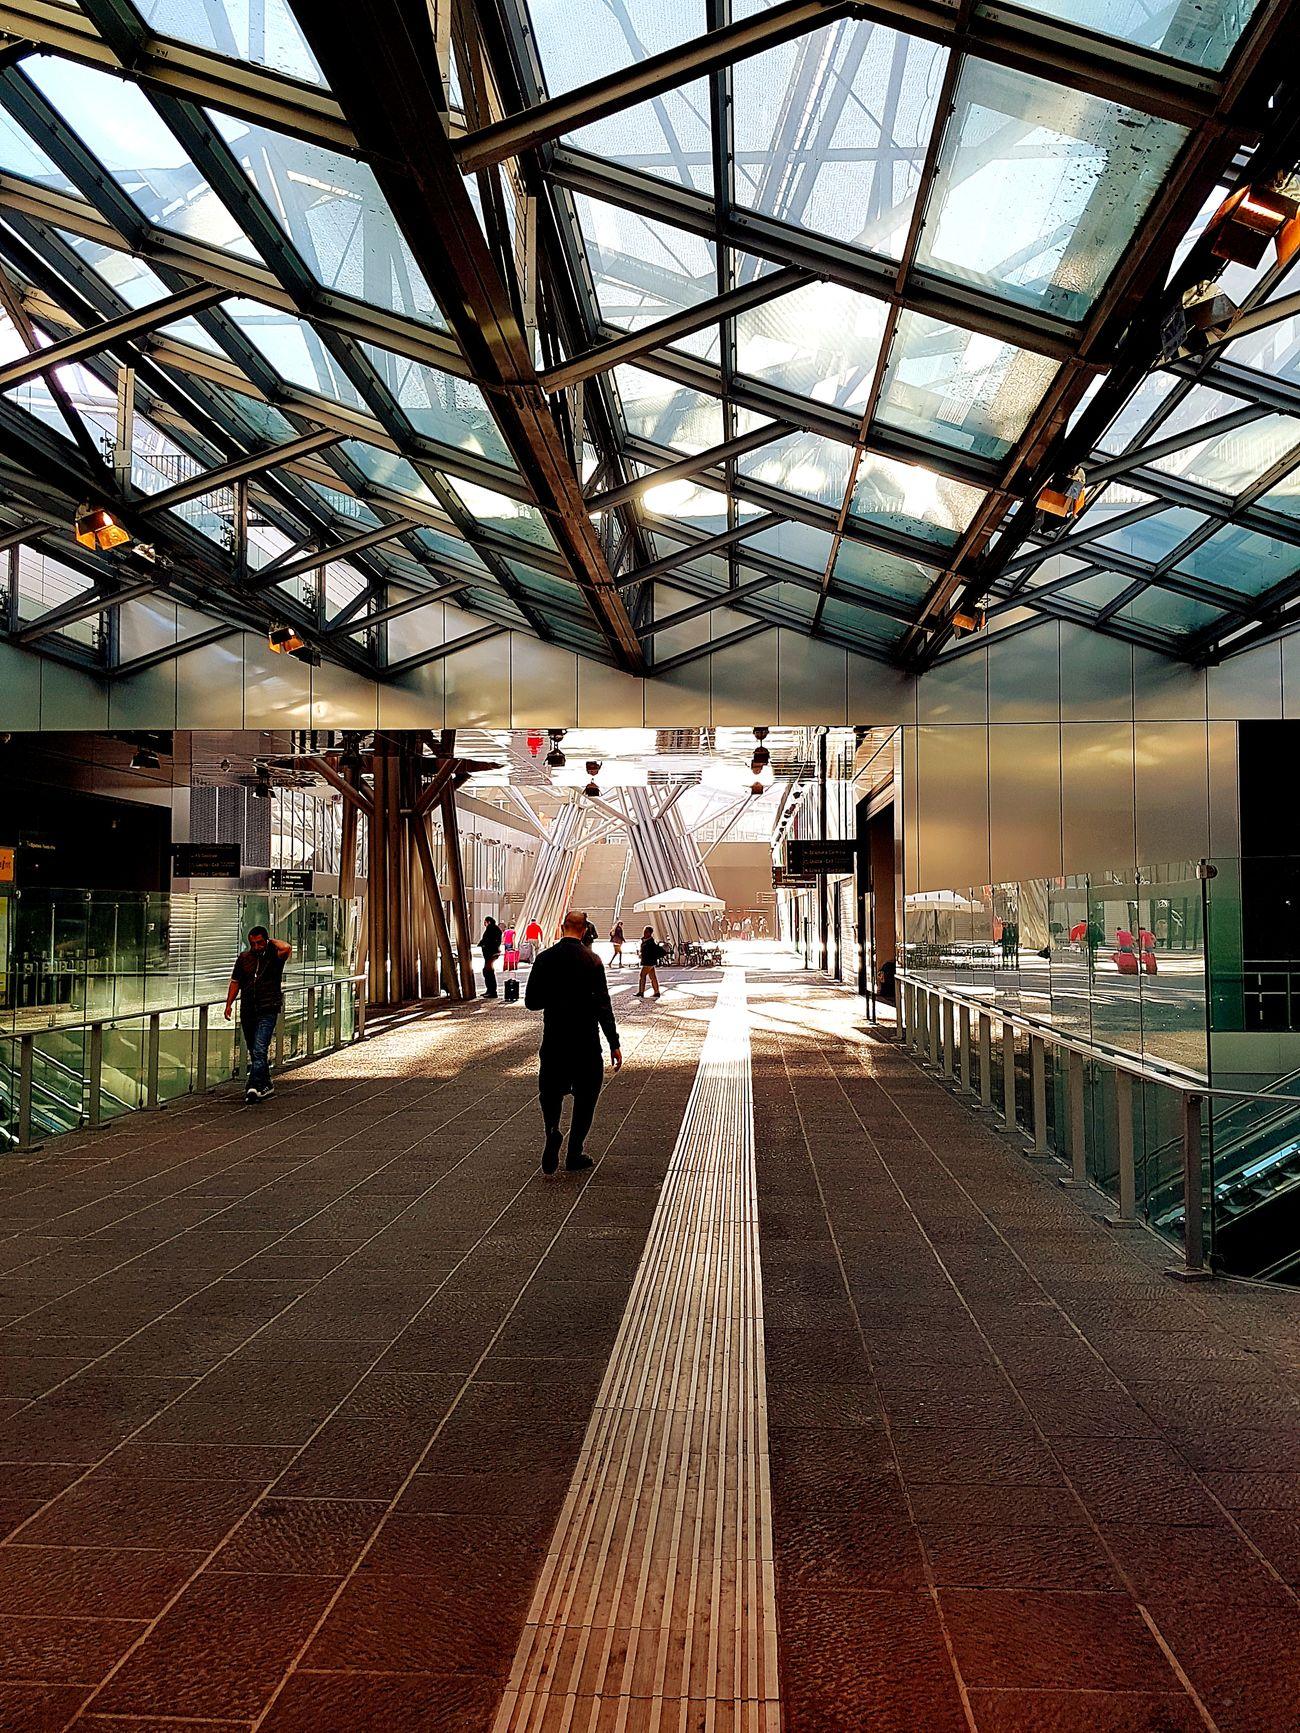 Day Architecture One Man Only Full Length The Architect - 2017 EyeEm Awards Napoli Italy Naples Napoli Metro Metropolitana